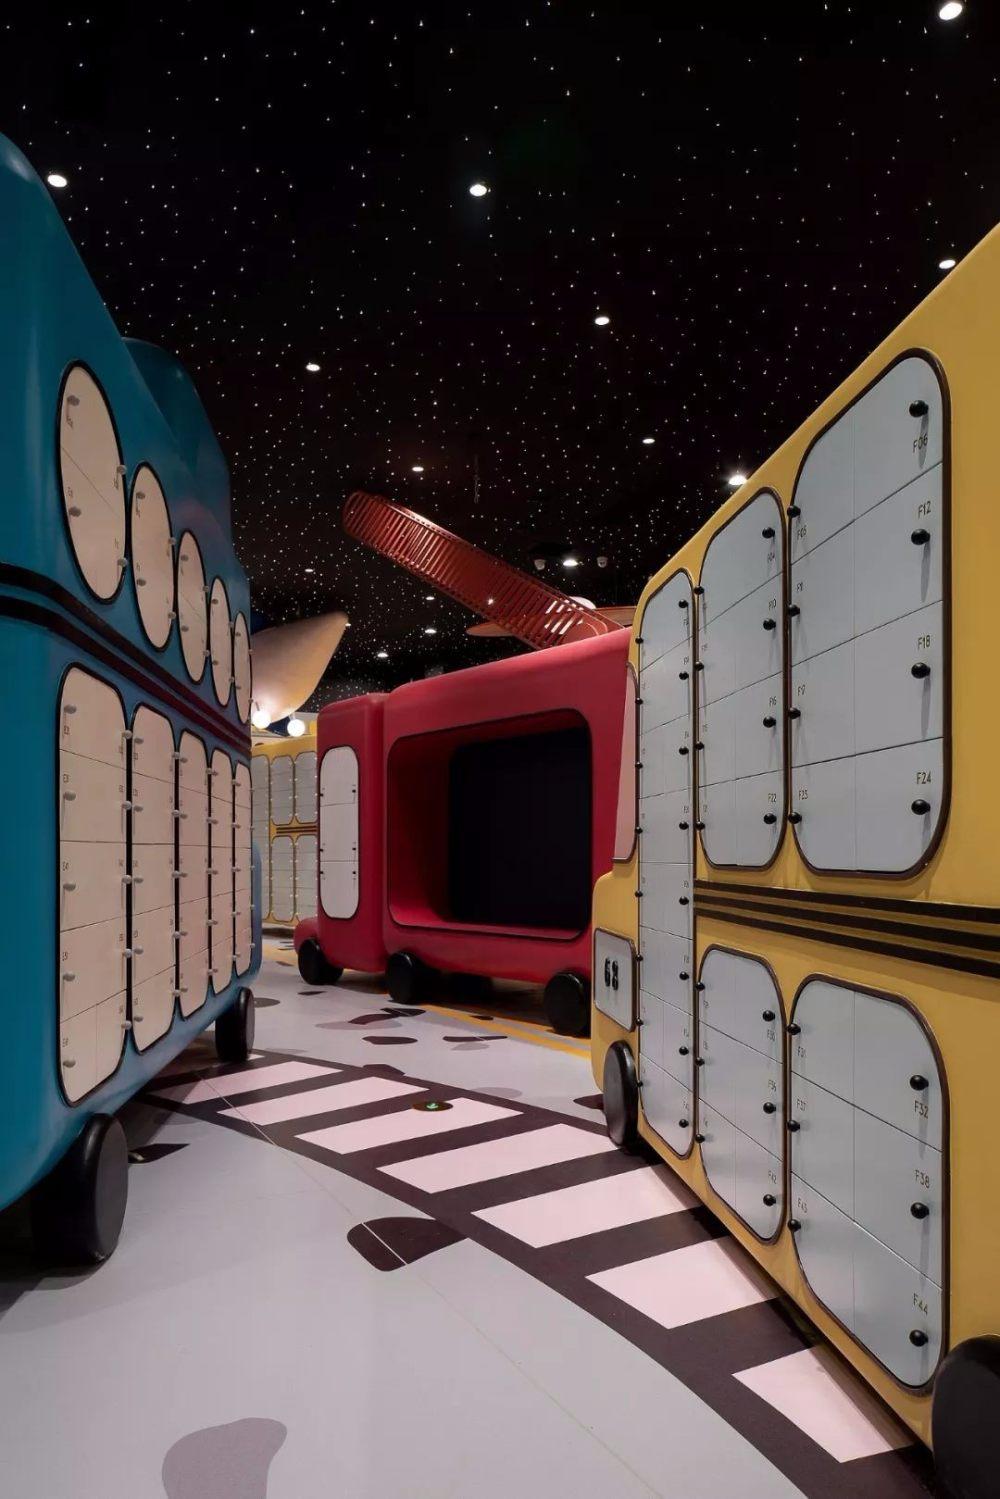 【唯想国际】3100㎡ | 超级童话的秘境星球MELAND CLUB | 86P_【唯想国际】3100㎡超级童话的秘境星球MELANDCLUB8.jpg